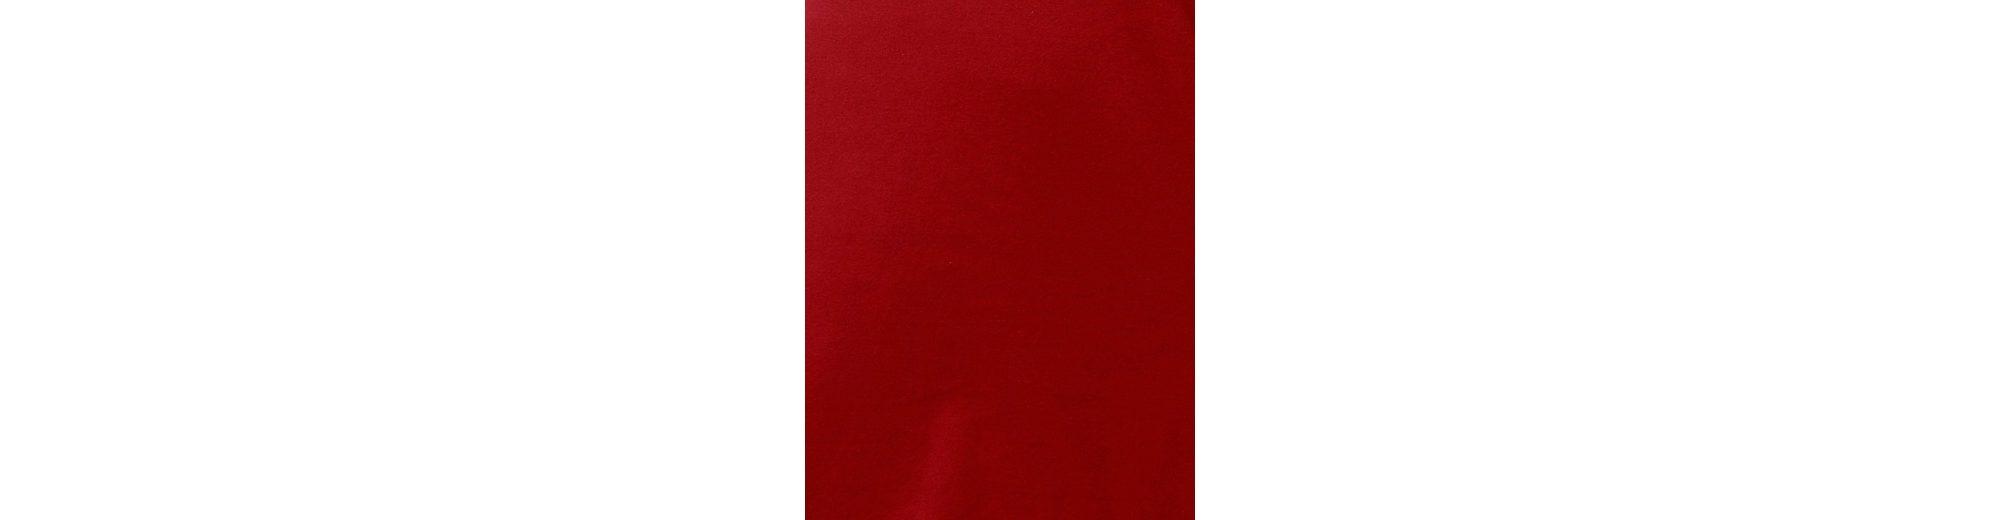 B.C. BEST CONNECTIONS by Heine Jerseykleid mit Rundhalsausschnitt Auslass Größte Lieferant Ausverkaufspreise Pick Ein Besten Zum Verkauf UisvK7UWSt